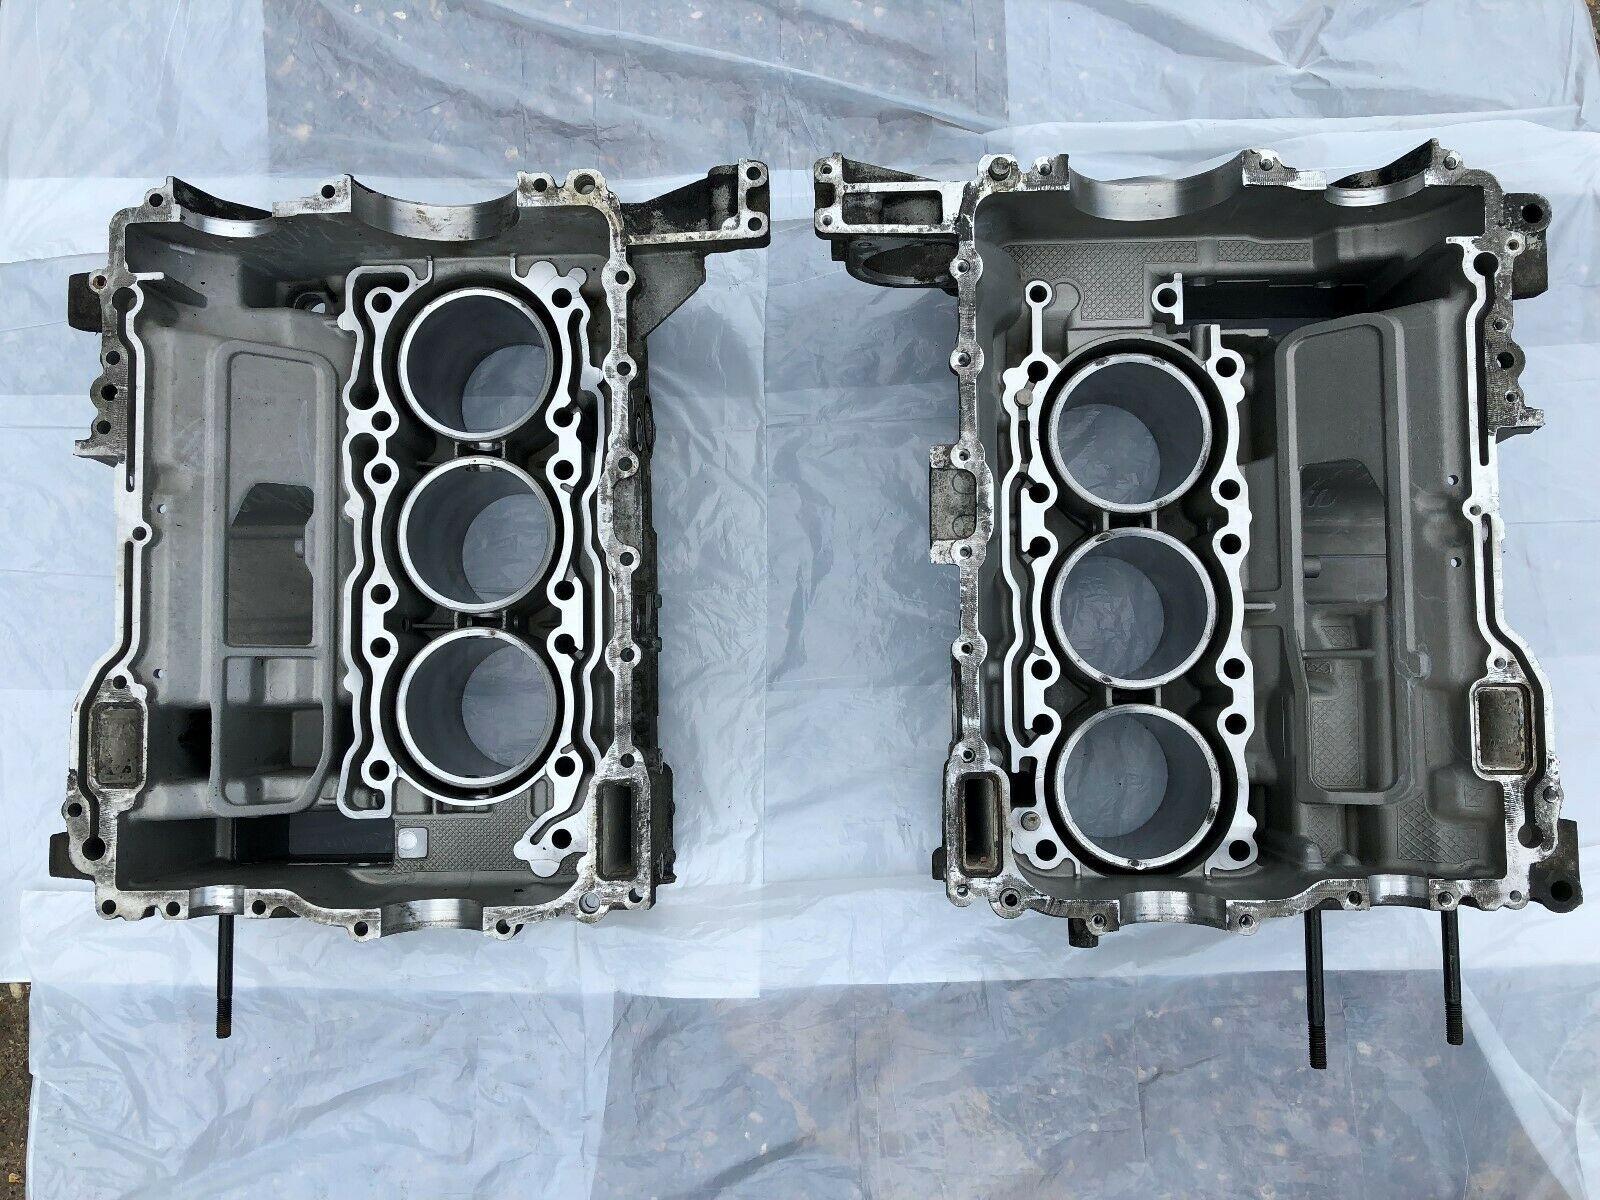 Bloques motor refrigerados por agua, Porsche 911/996 Carrera